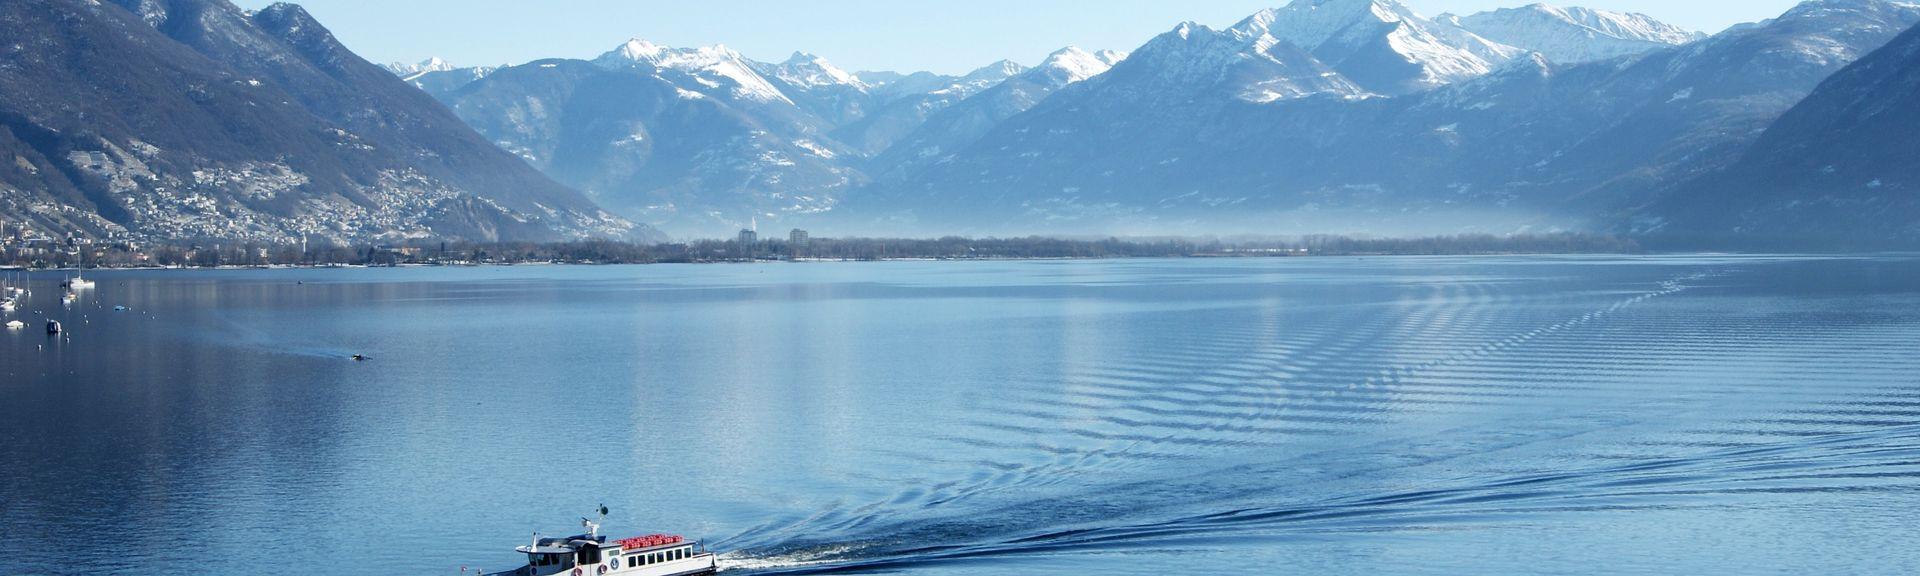 Ascona, Cantón de Ticino, Suiza